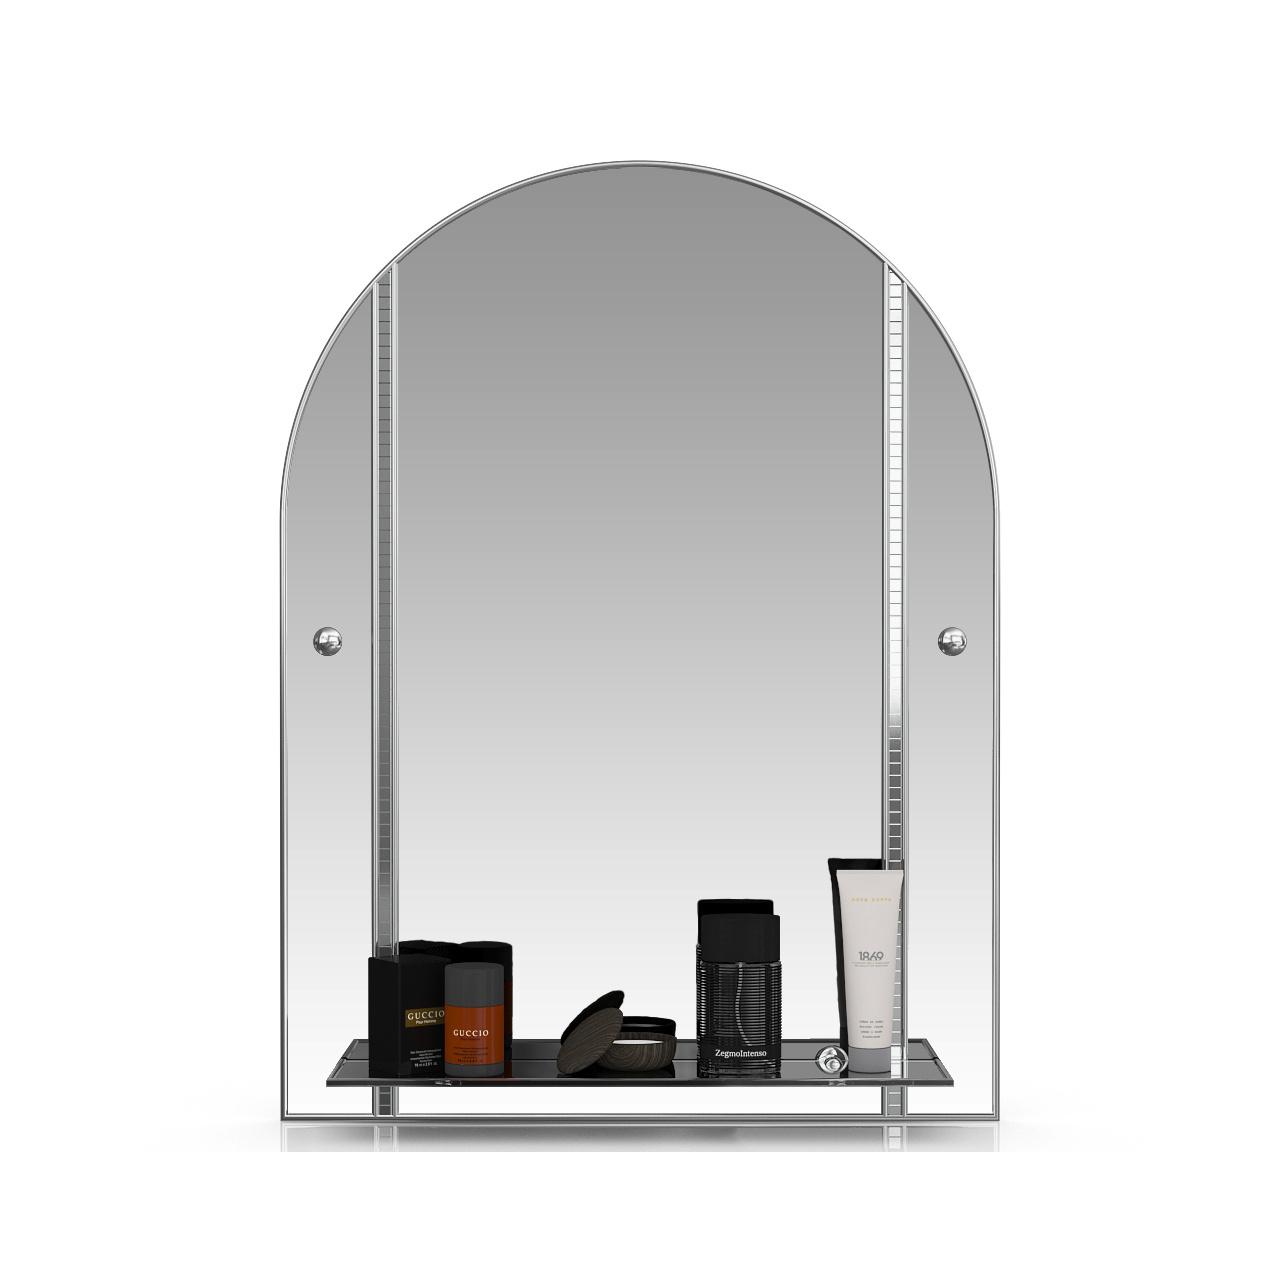 Зеркало ЕвроЗеркало 331ДМА серебро куб серебро, 60х80 см., для ванной комнаты, с полкой фото